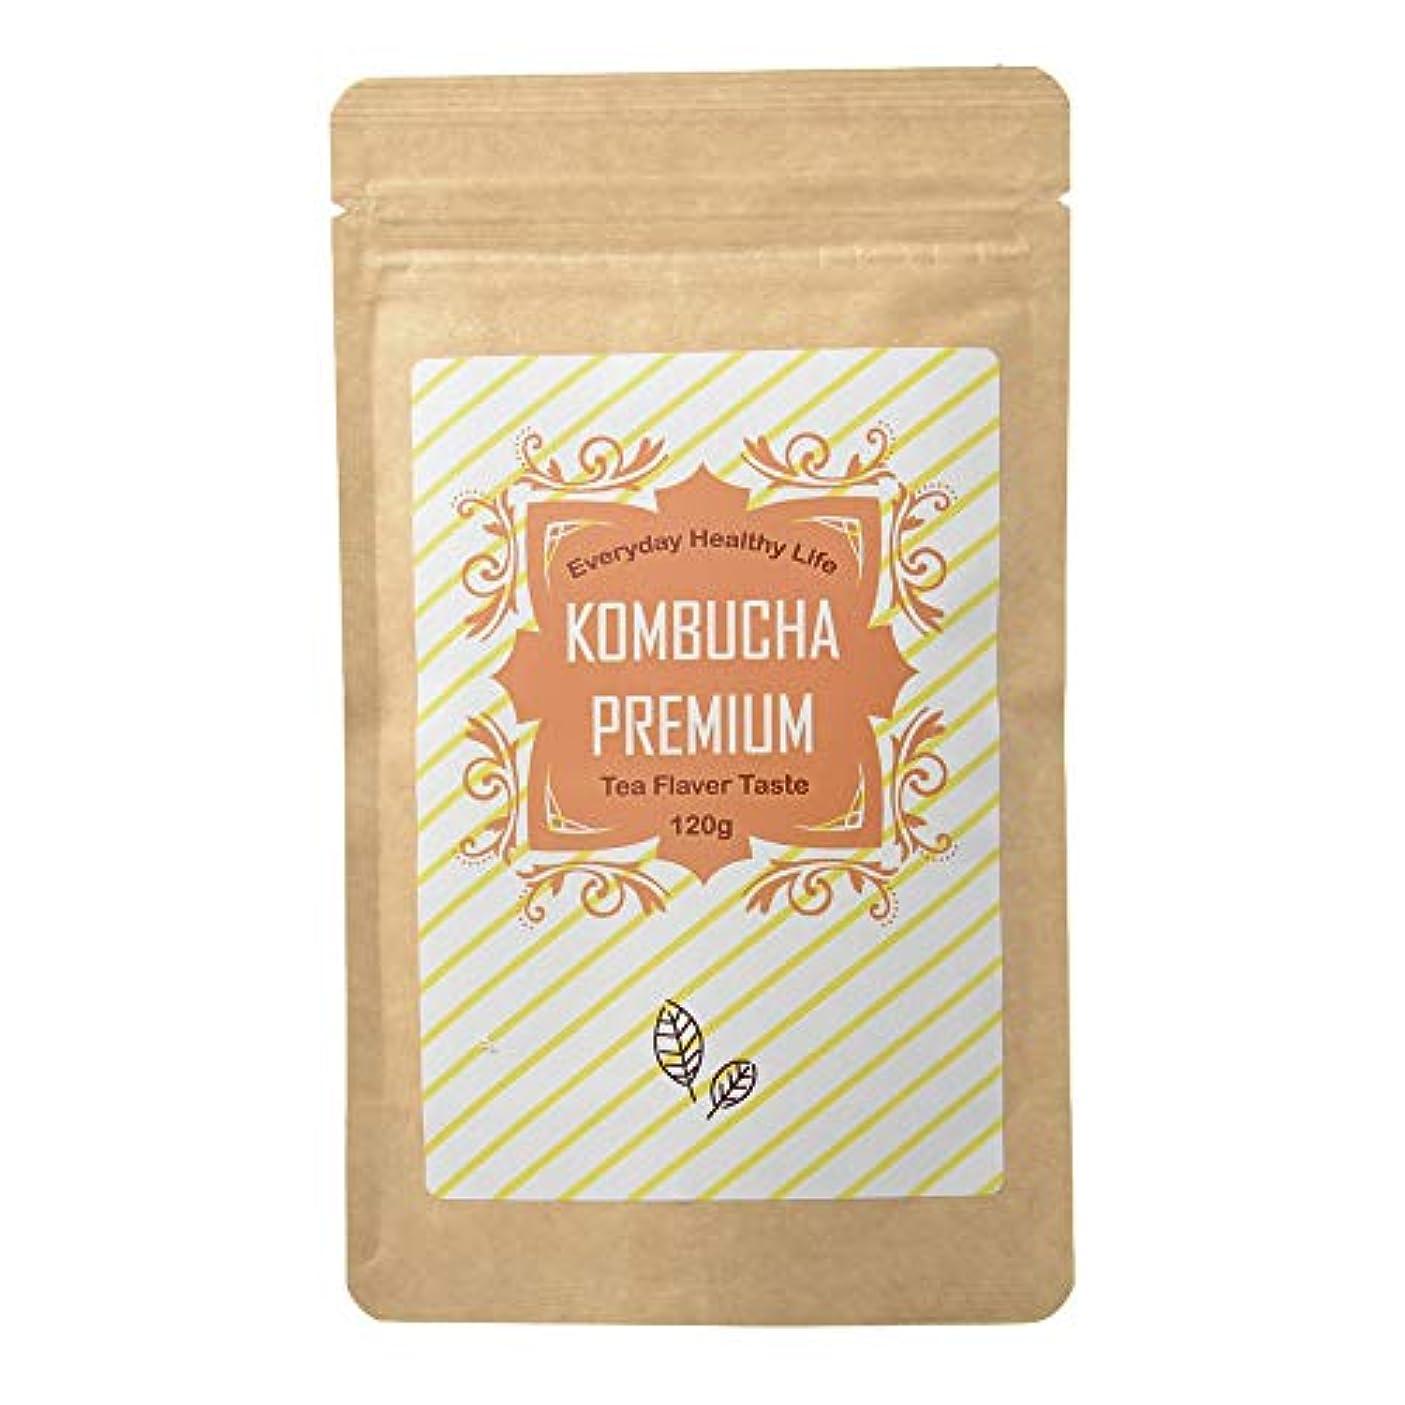 取り替える栄光の素晴らしいですコンブチャプレミアム (KOMBUCHA PREMIUM) ストレートティー味 日本製 粉末 飲料 [内容量120g /説明書付き]